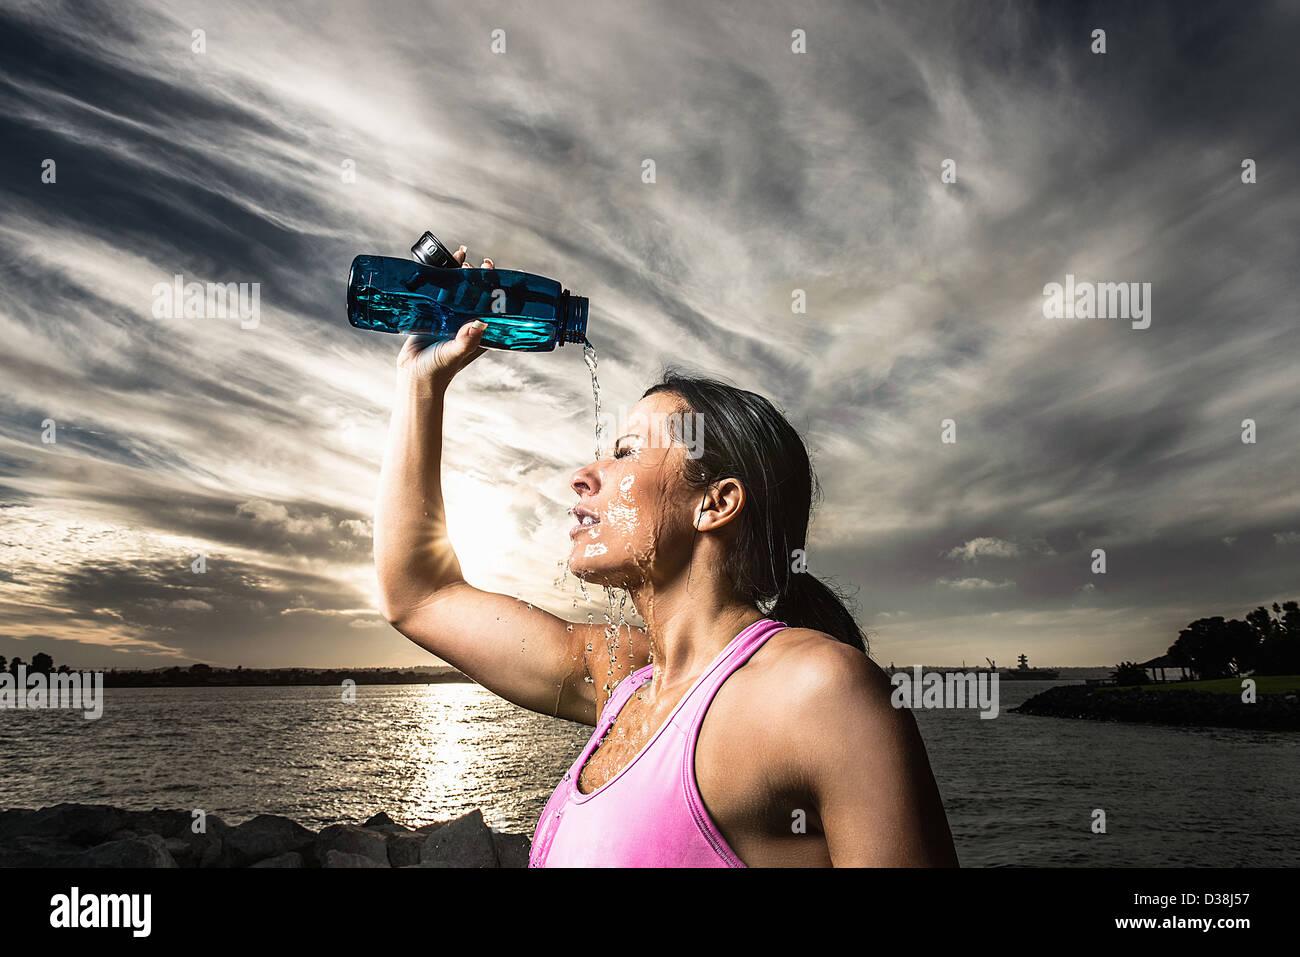 Calha de verter a água sobre si mesma Imagens de Stock